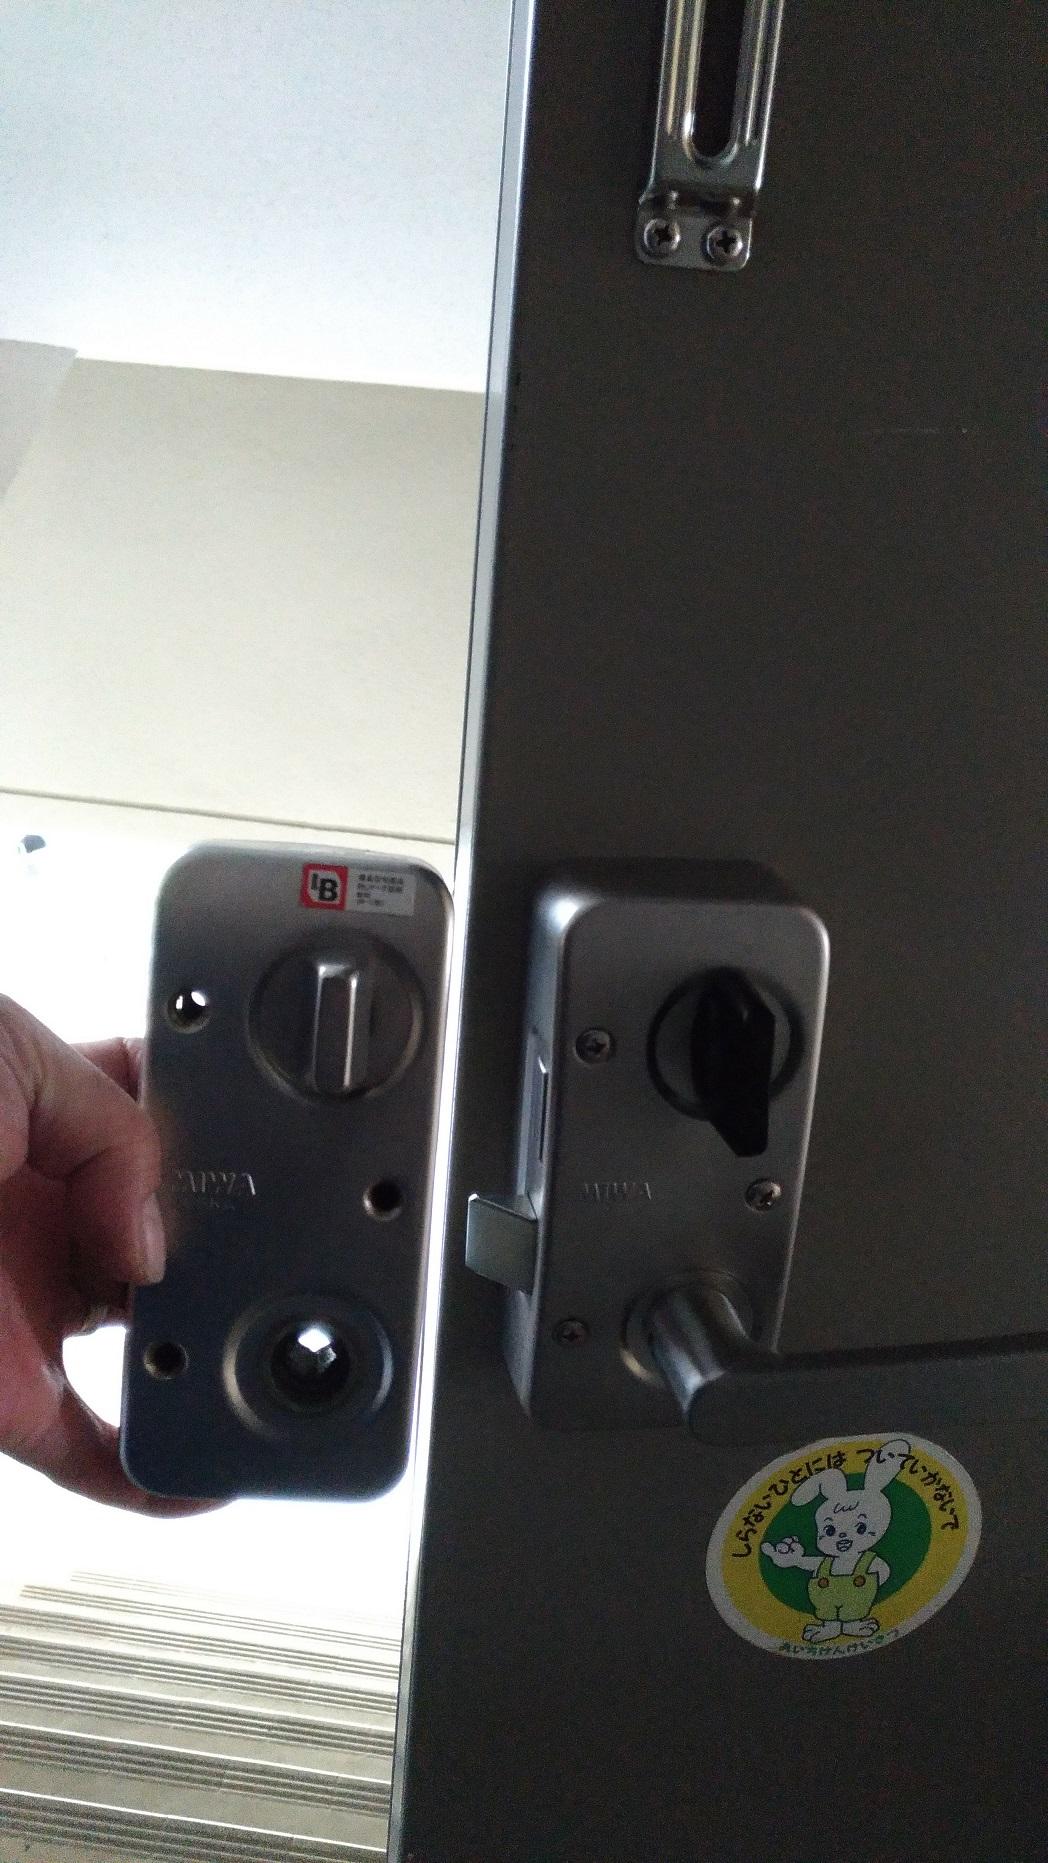 左が古い本体で右が新しい本体。サムターンが樹脂製になります。